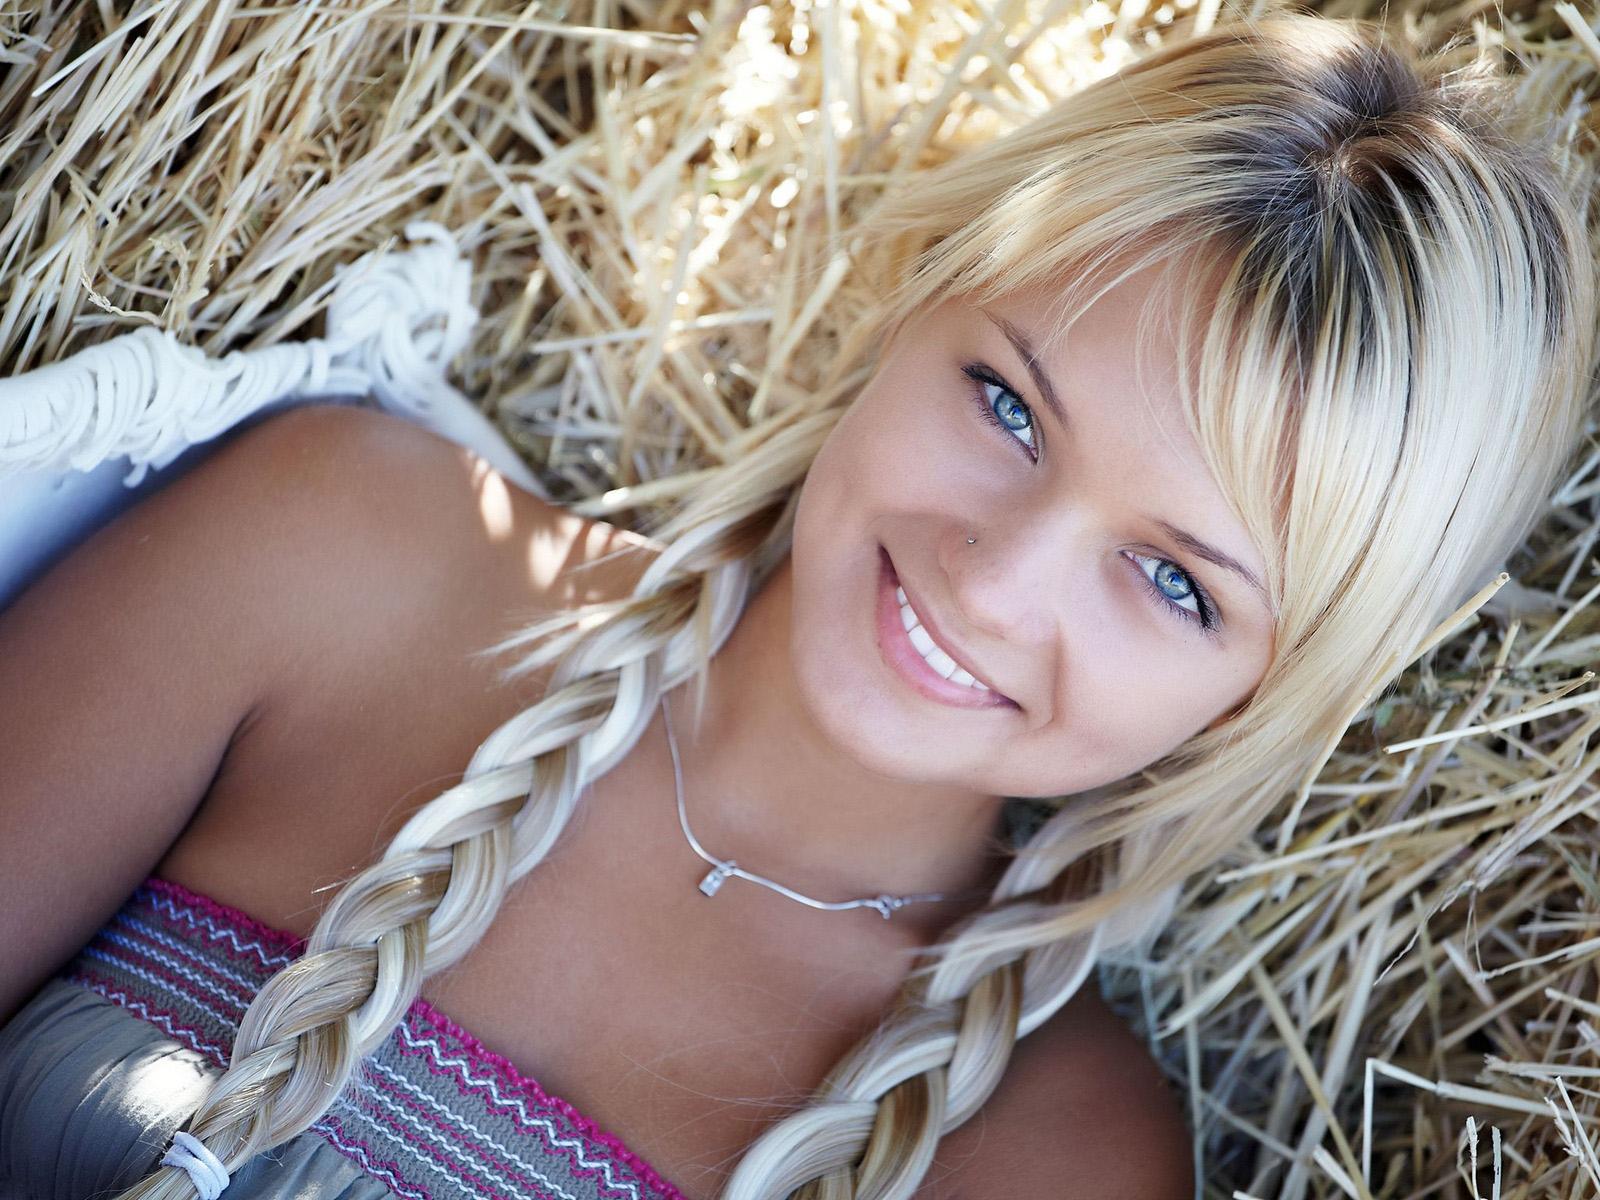 Русские молодые девочки голышом смотреть бесплатно 27 фотография